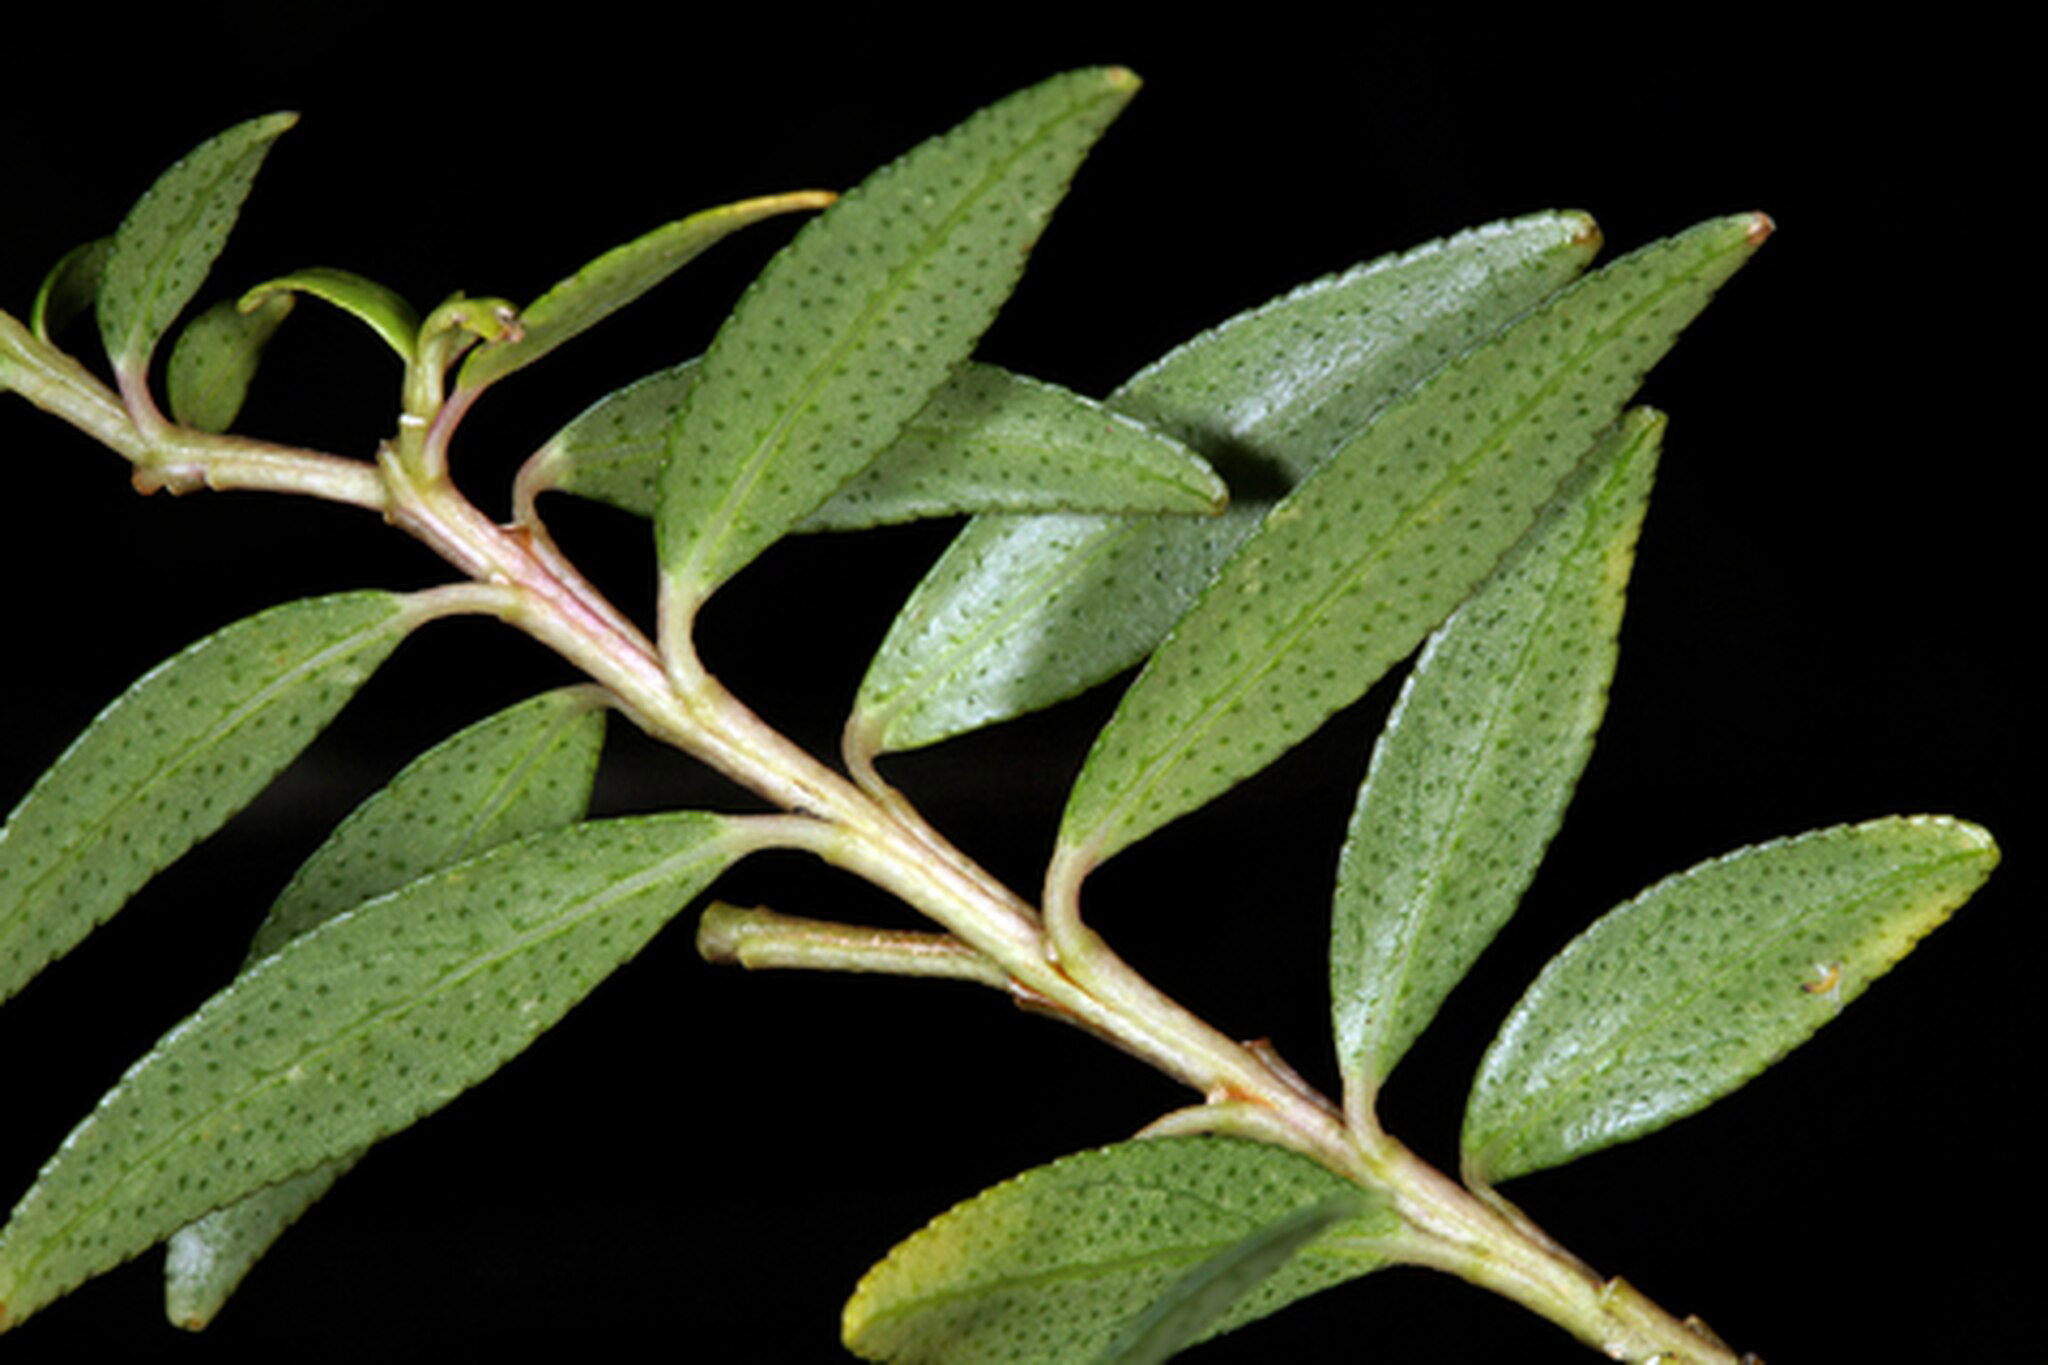 Leaves-of-Buchu-plant